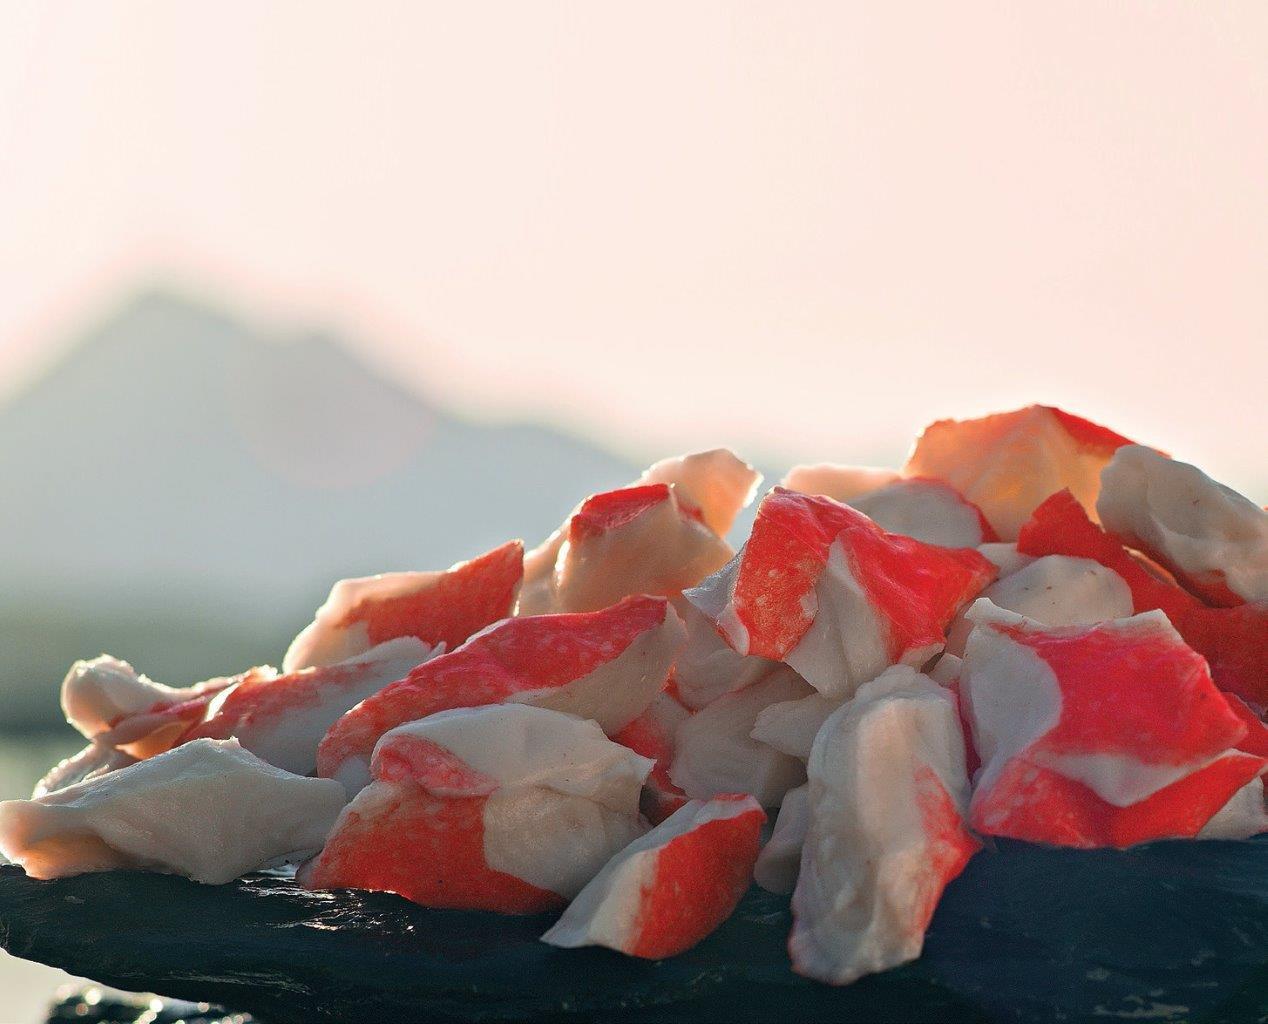 Jūrų gėrybių surimis yra populiarus salotų, sumuštinių ir garnyrų priedas, naudojamas daugelyje sušio baro gaminių